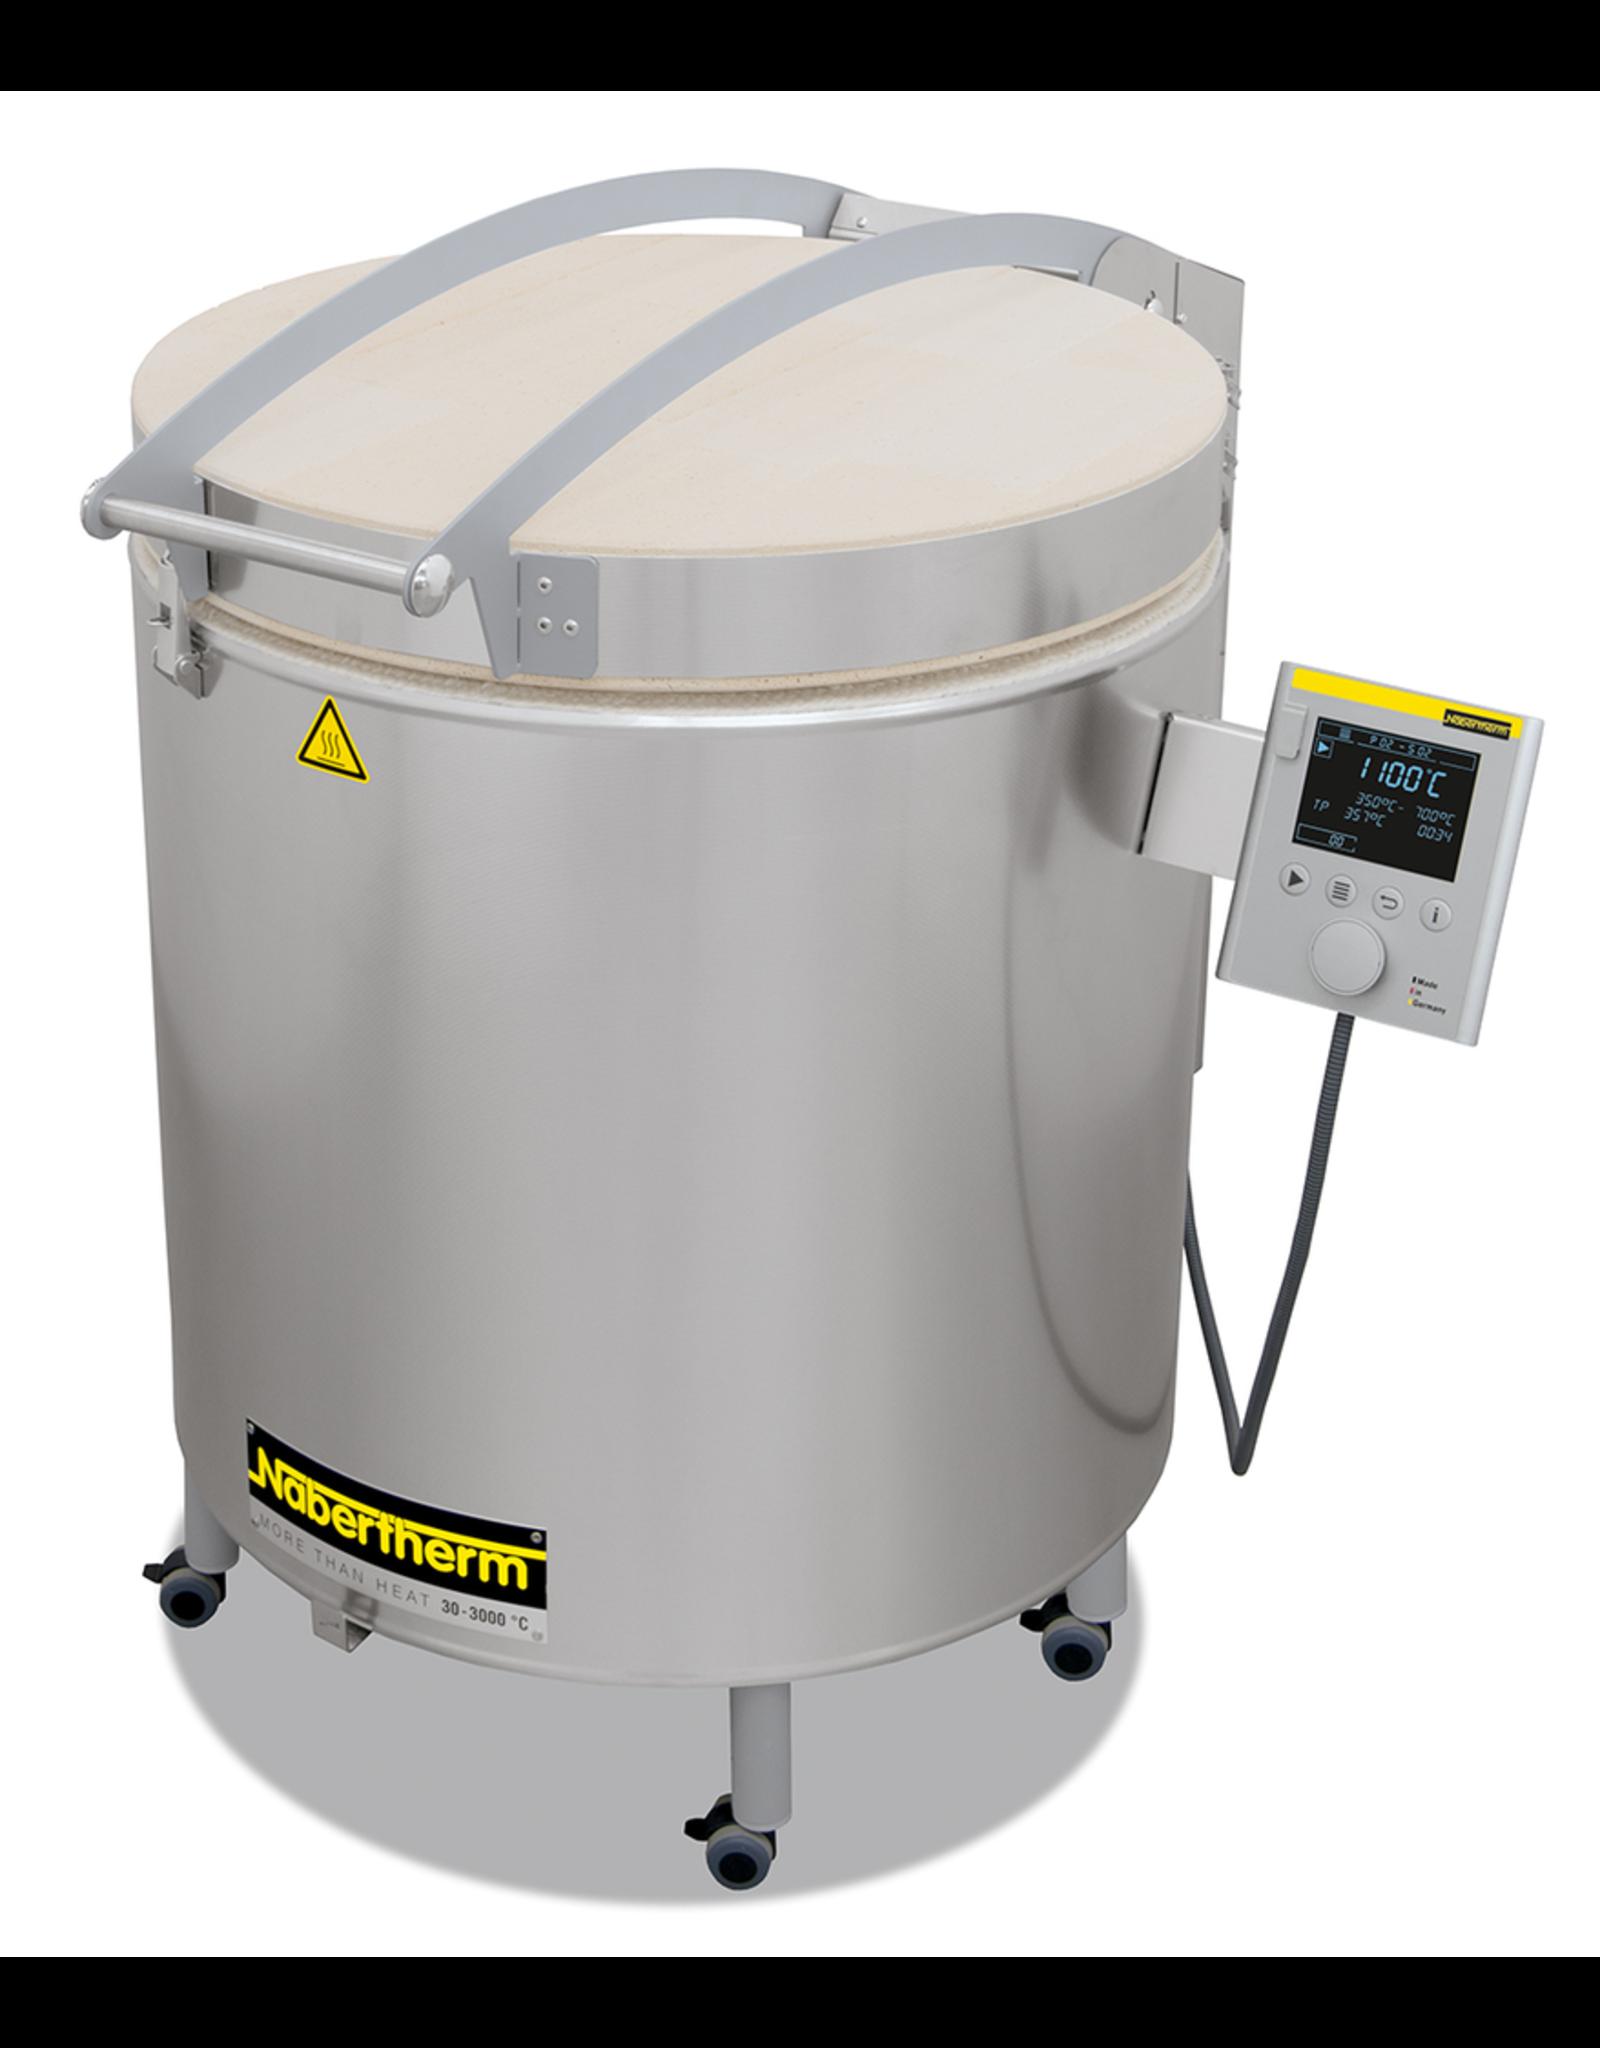 Nabertherm 45Lt top loading kiln 1320˚c max.